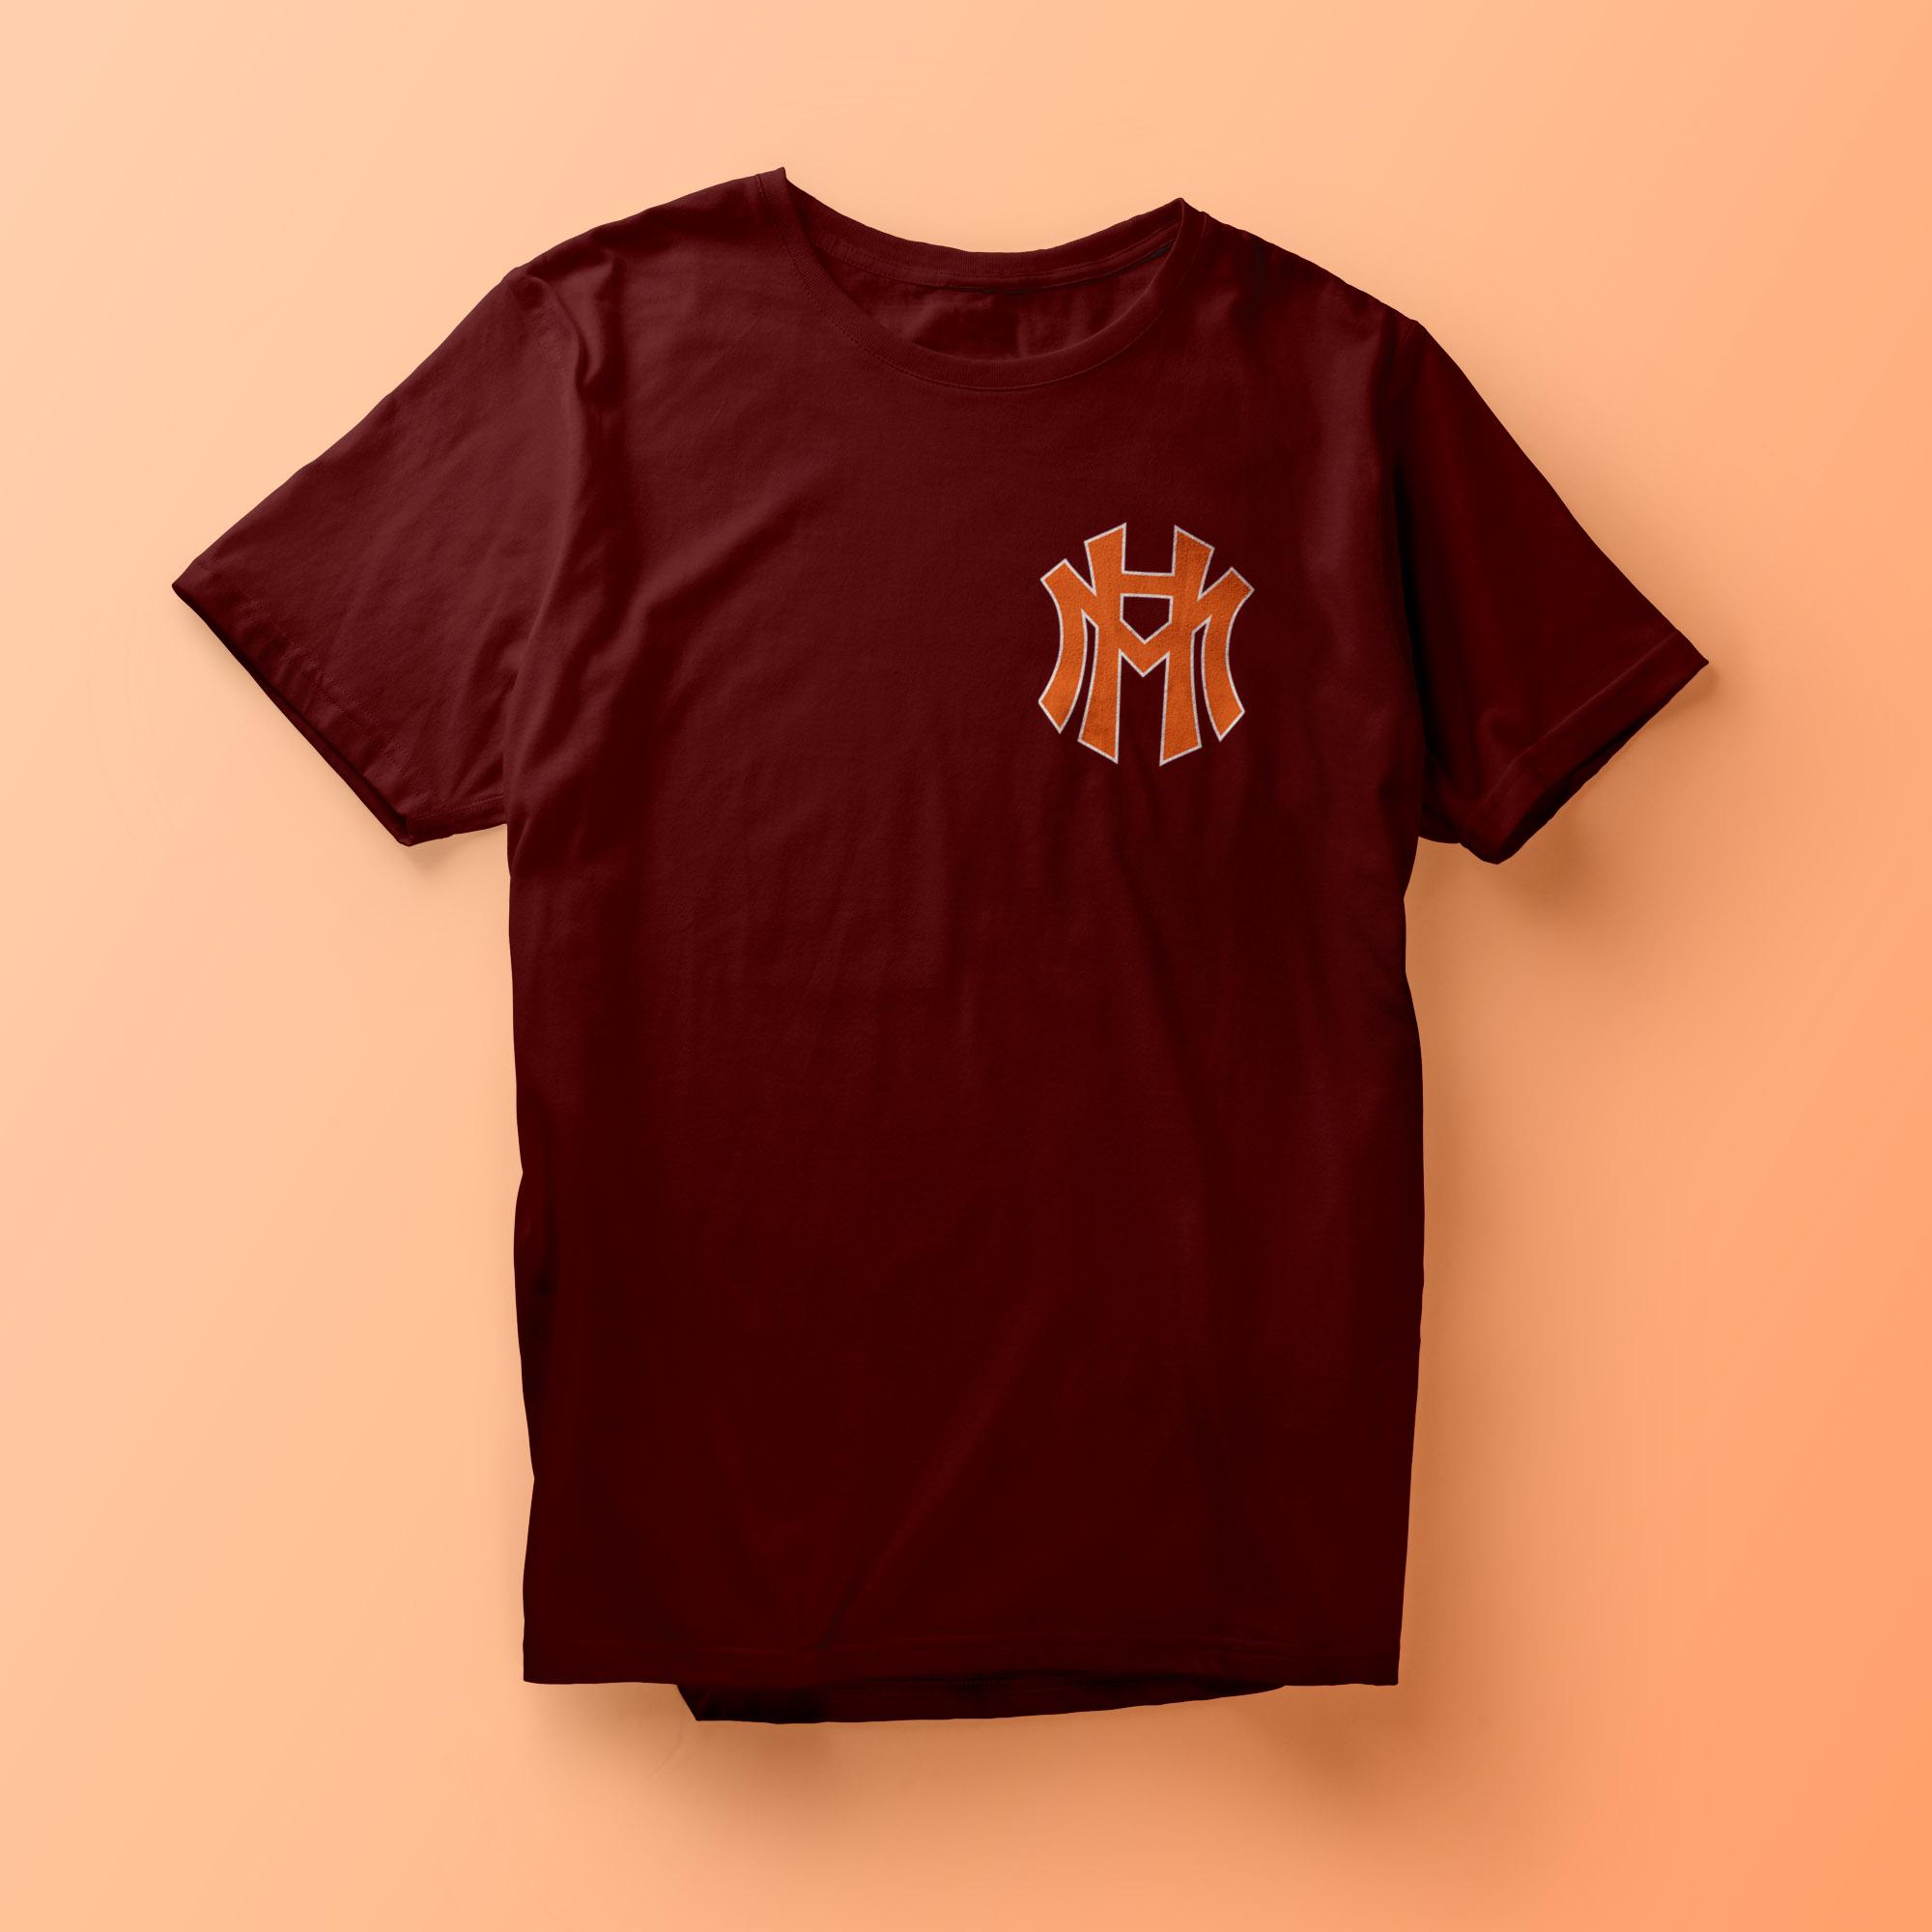 MHSC_Shirt1_Yankees_wTrim.jpg